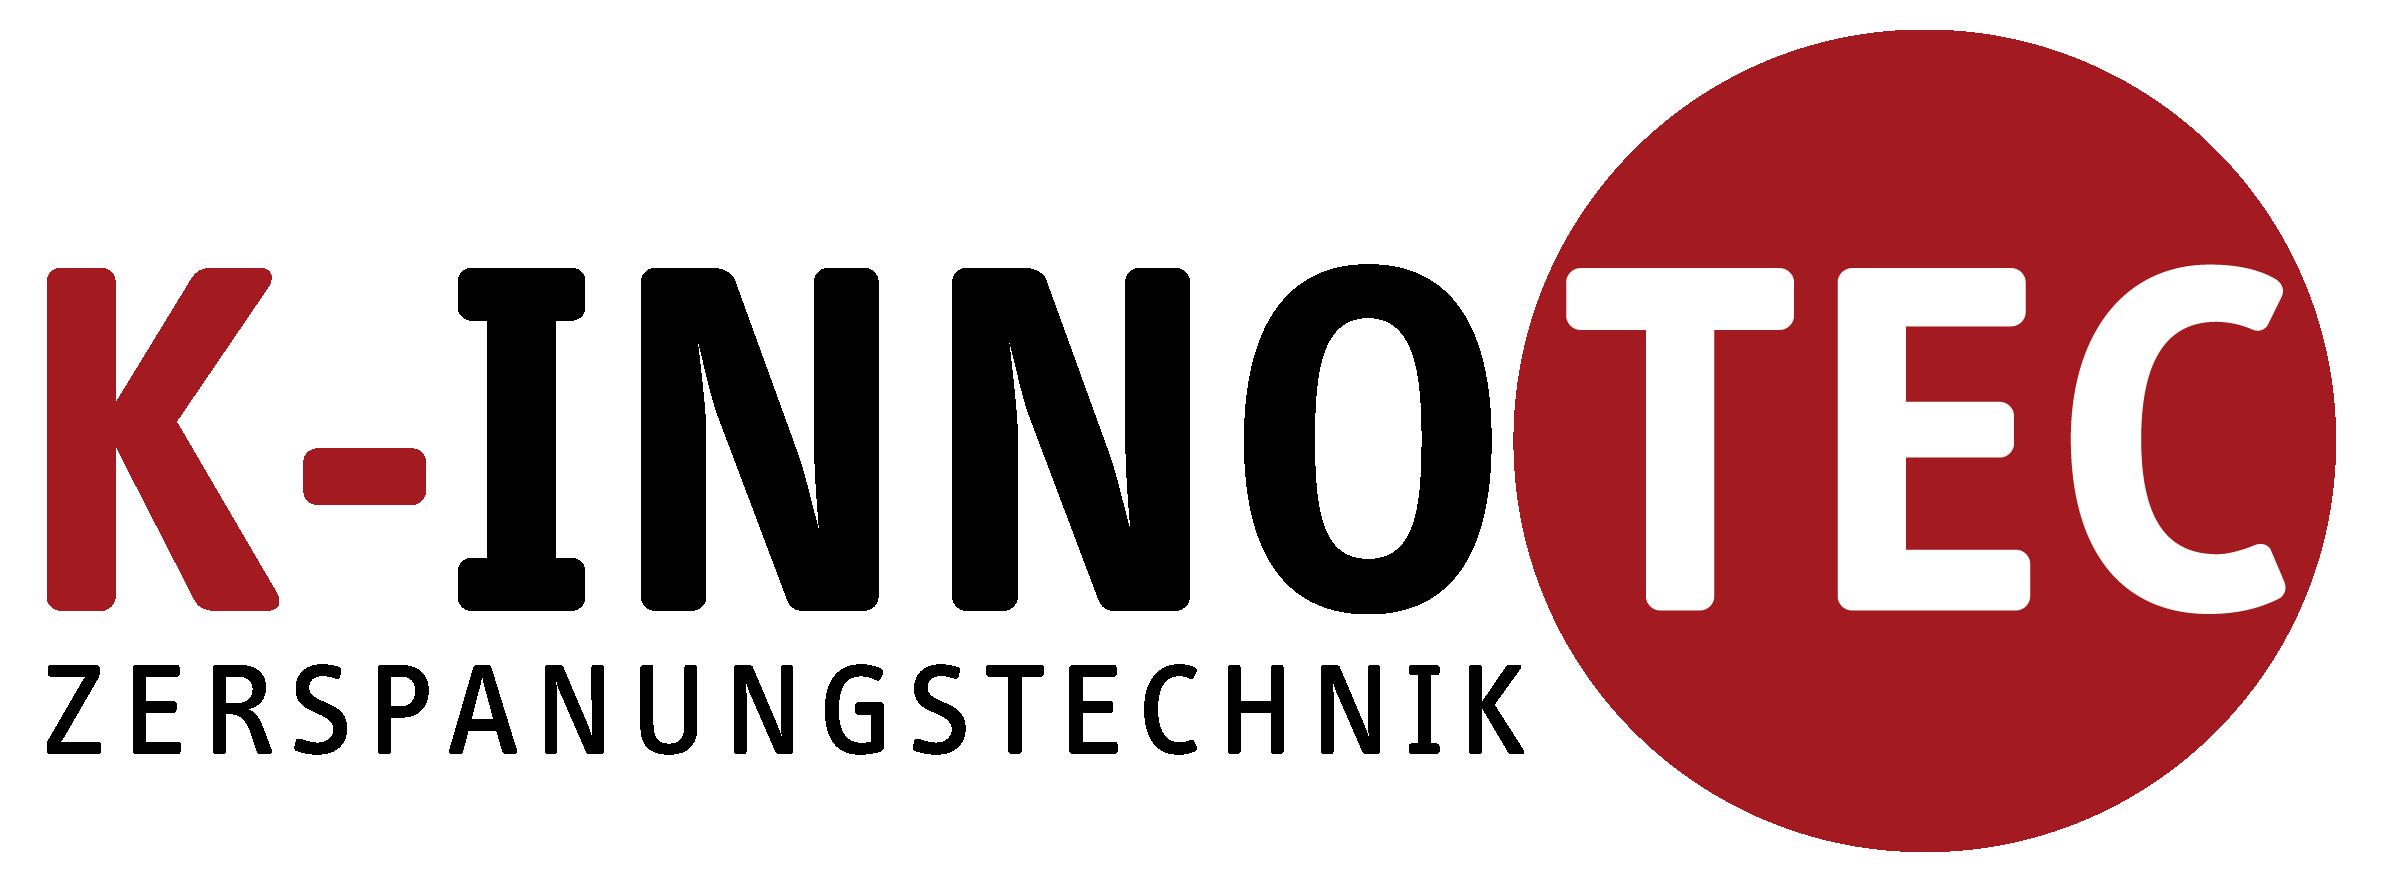 logo_k-innotec